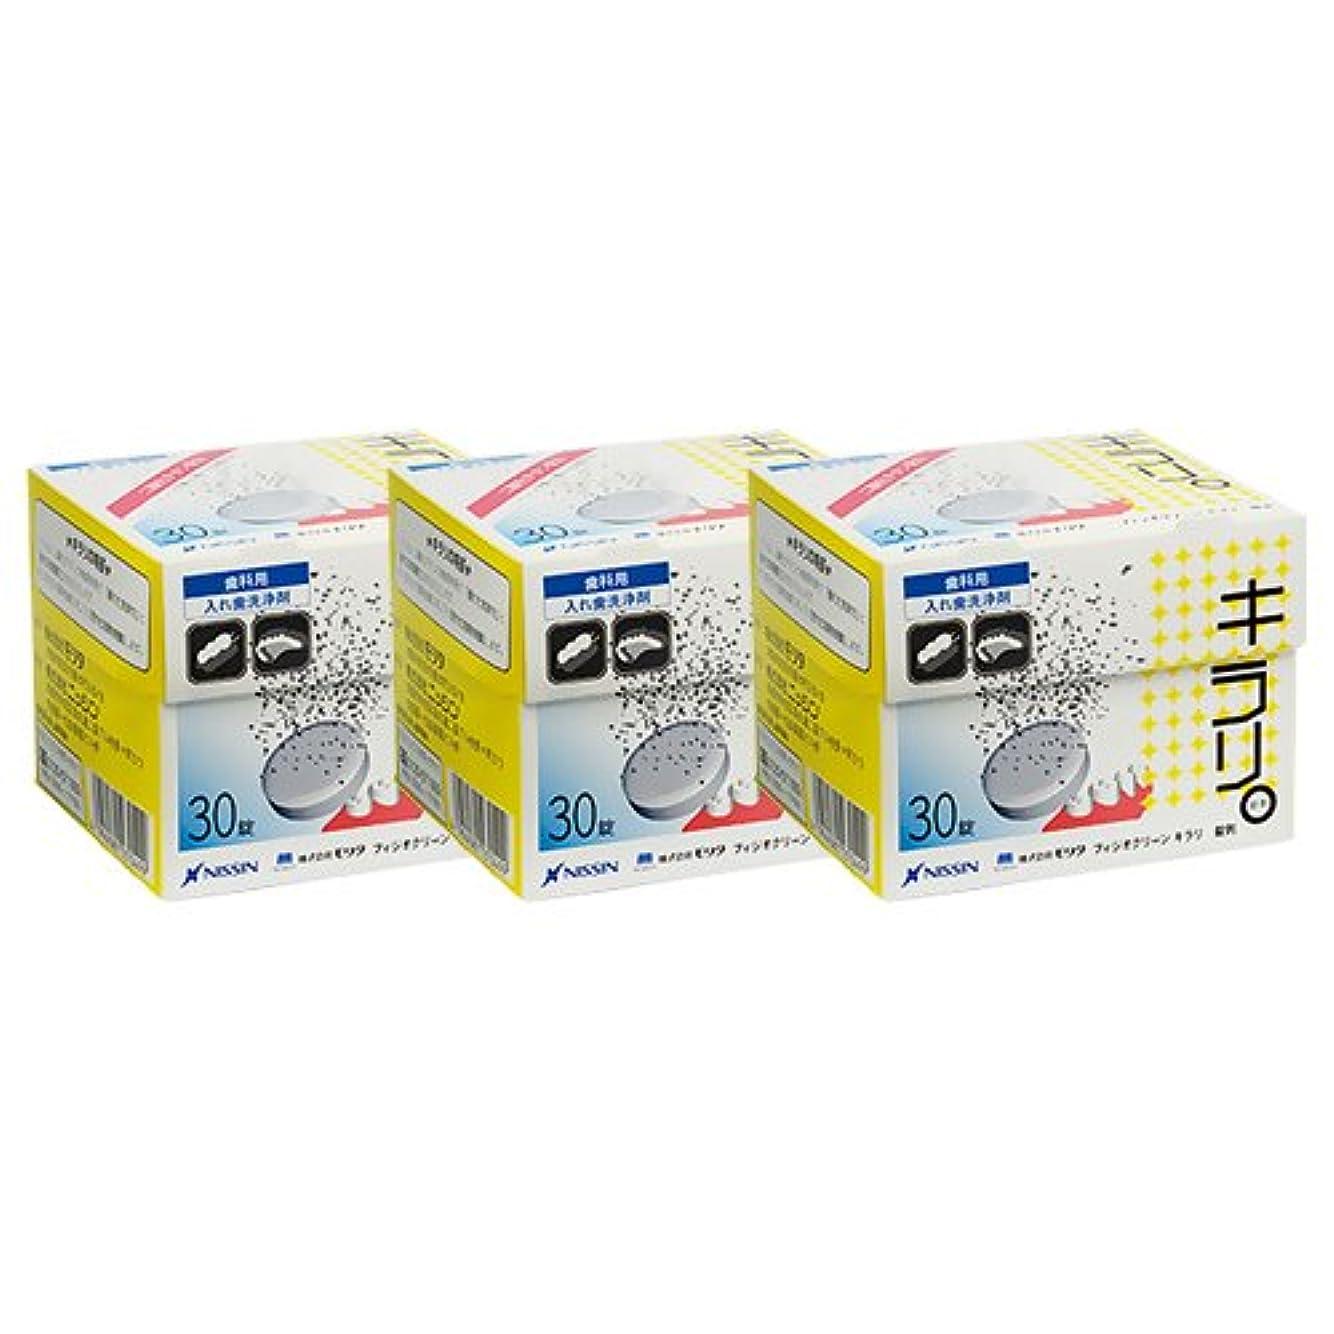 ペリスコープ主要な急速なフィジオクリーン キラリ錠剤 30錠入 (3箱)